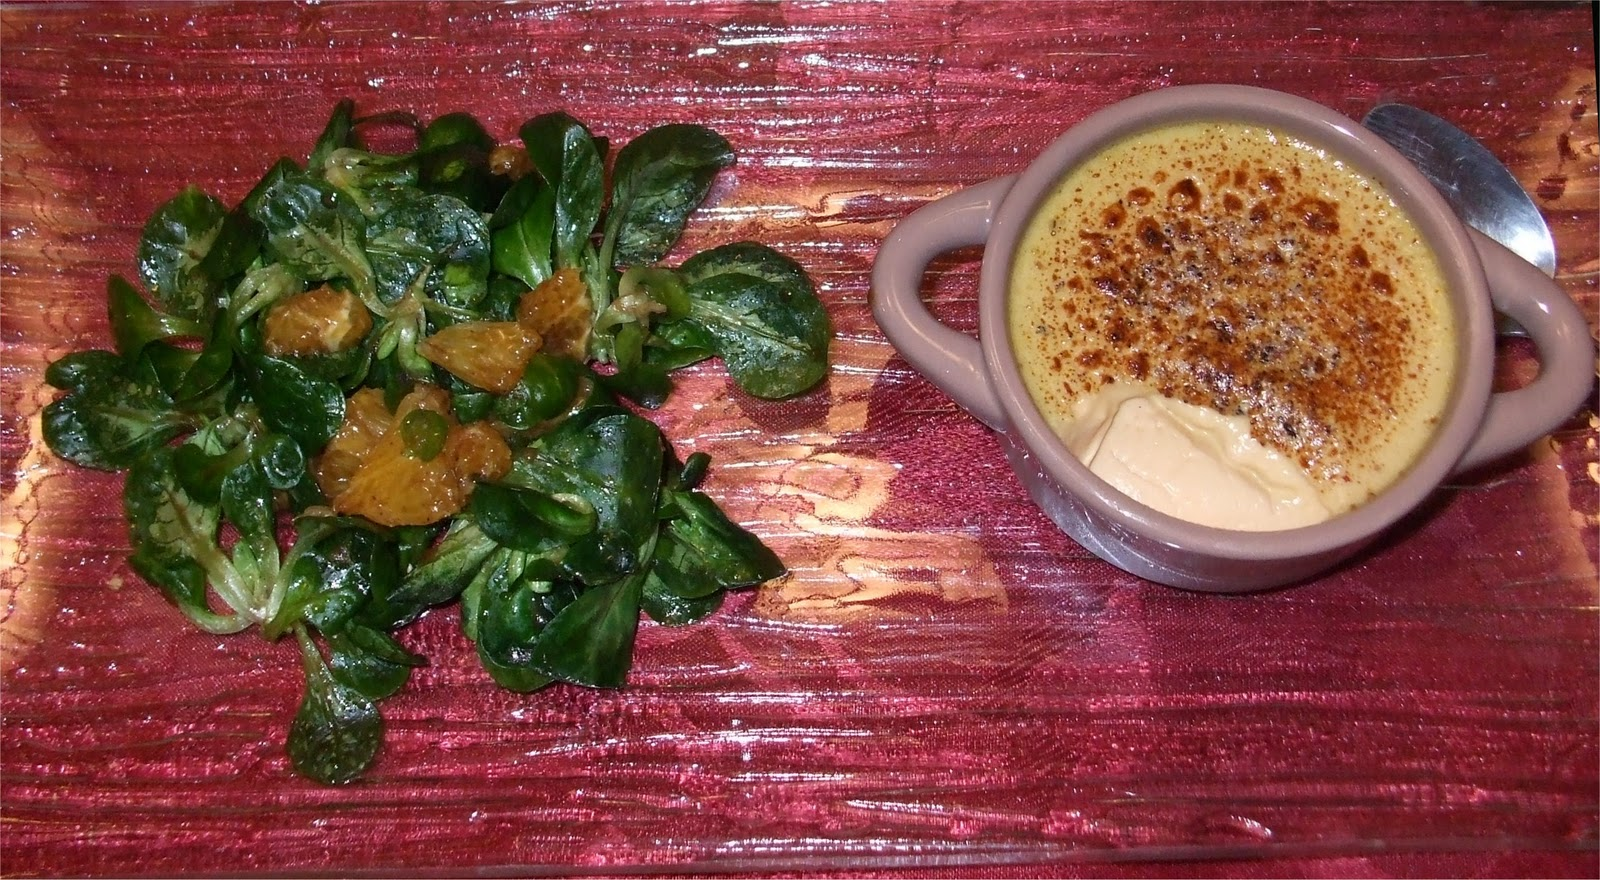 Mon plaisir de cuisiner cr me brul es au foie gras et poivre vert - Cuisiner un foie gras cru ...